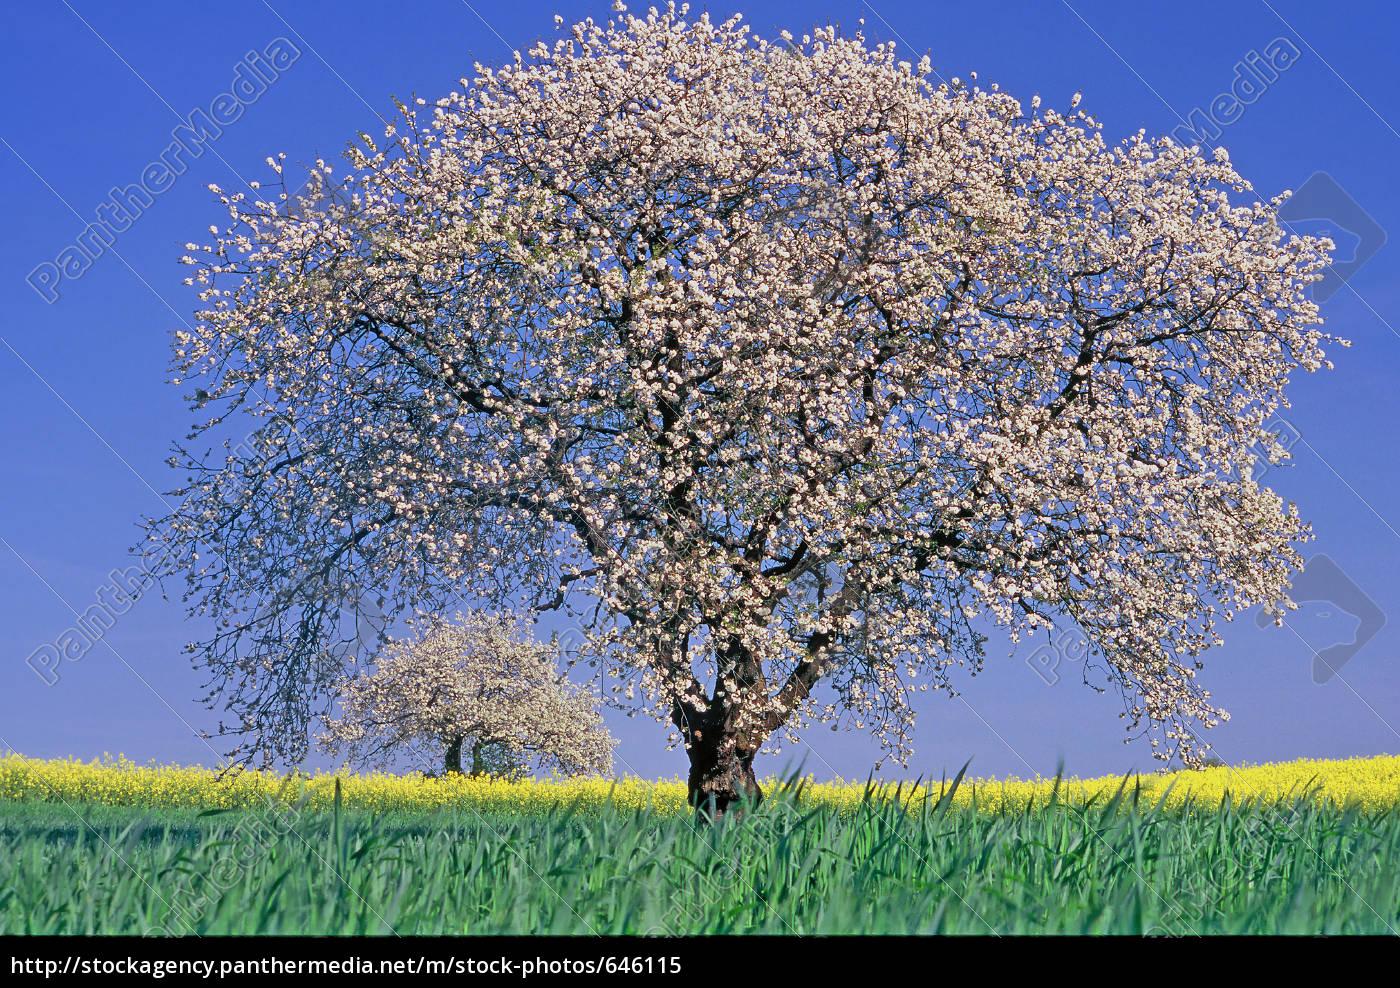 apple, trees - 646115